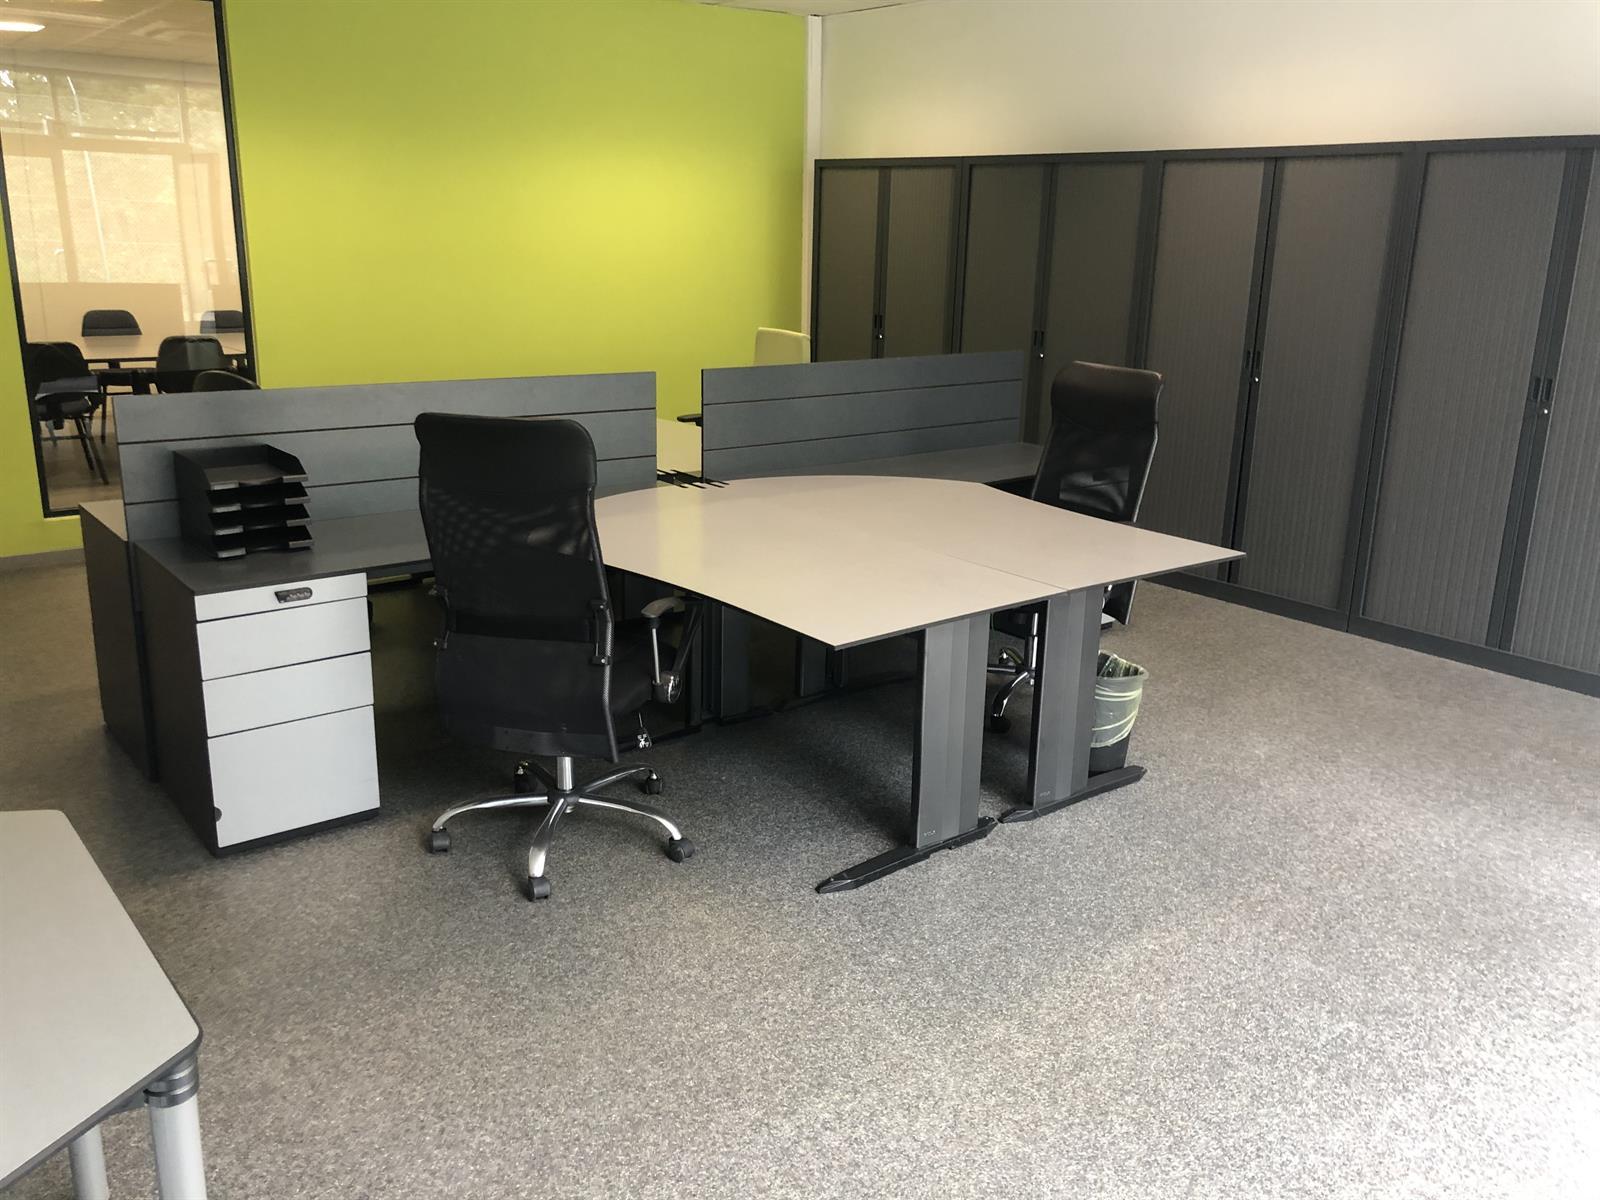 kantoor te huur I168 - Saffierstraat 5, 2200 Herentals, België 1